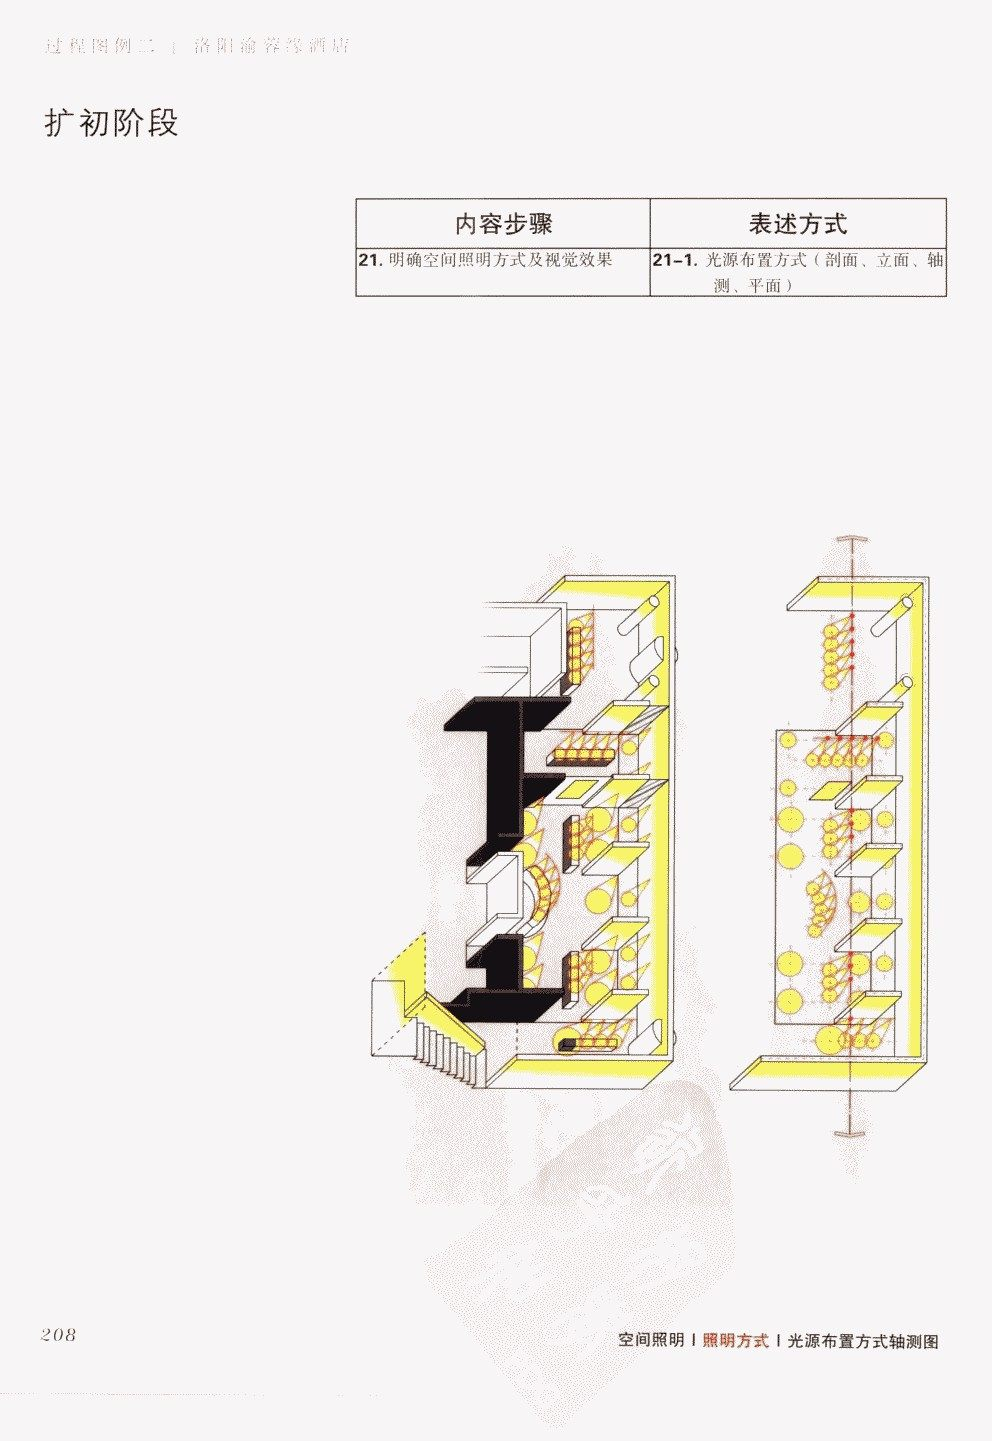 室内设计纲要++概念思考与过程表达_室内设计纲要  概念思考与过程表达_1297982..._页面_216.jpg